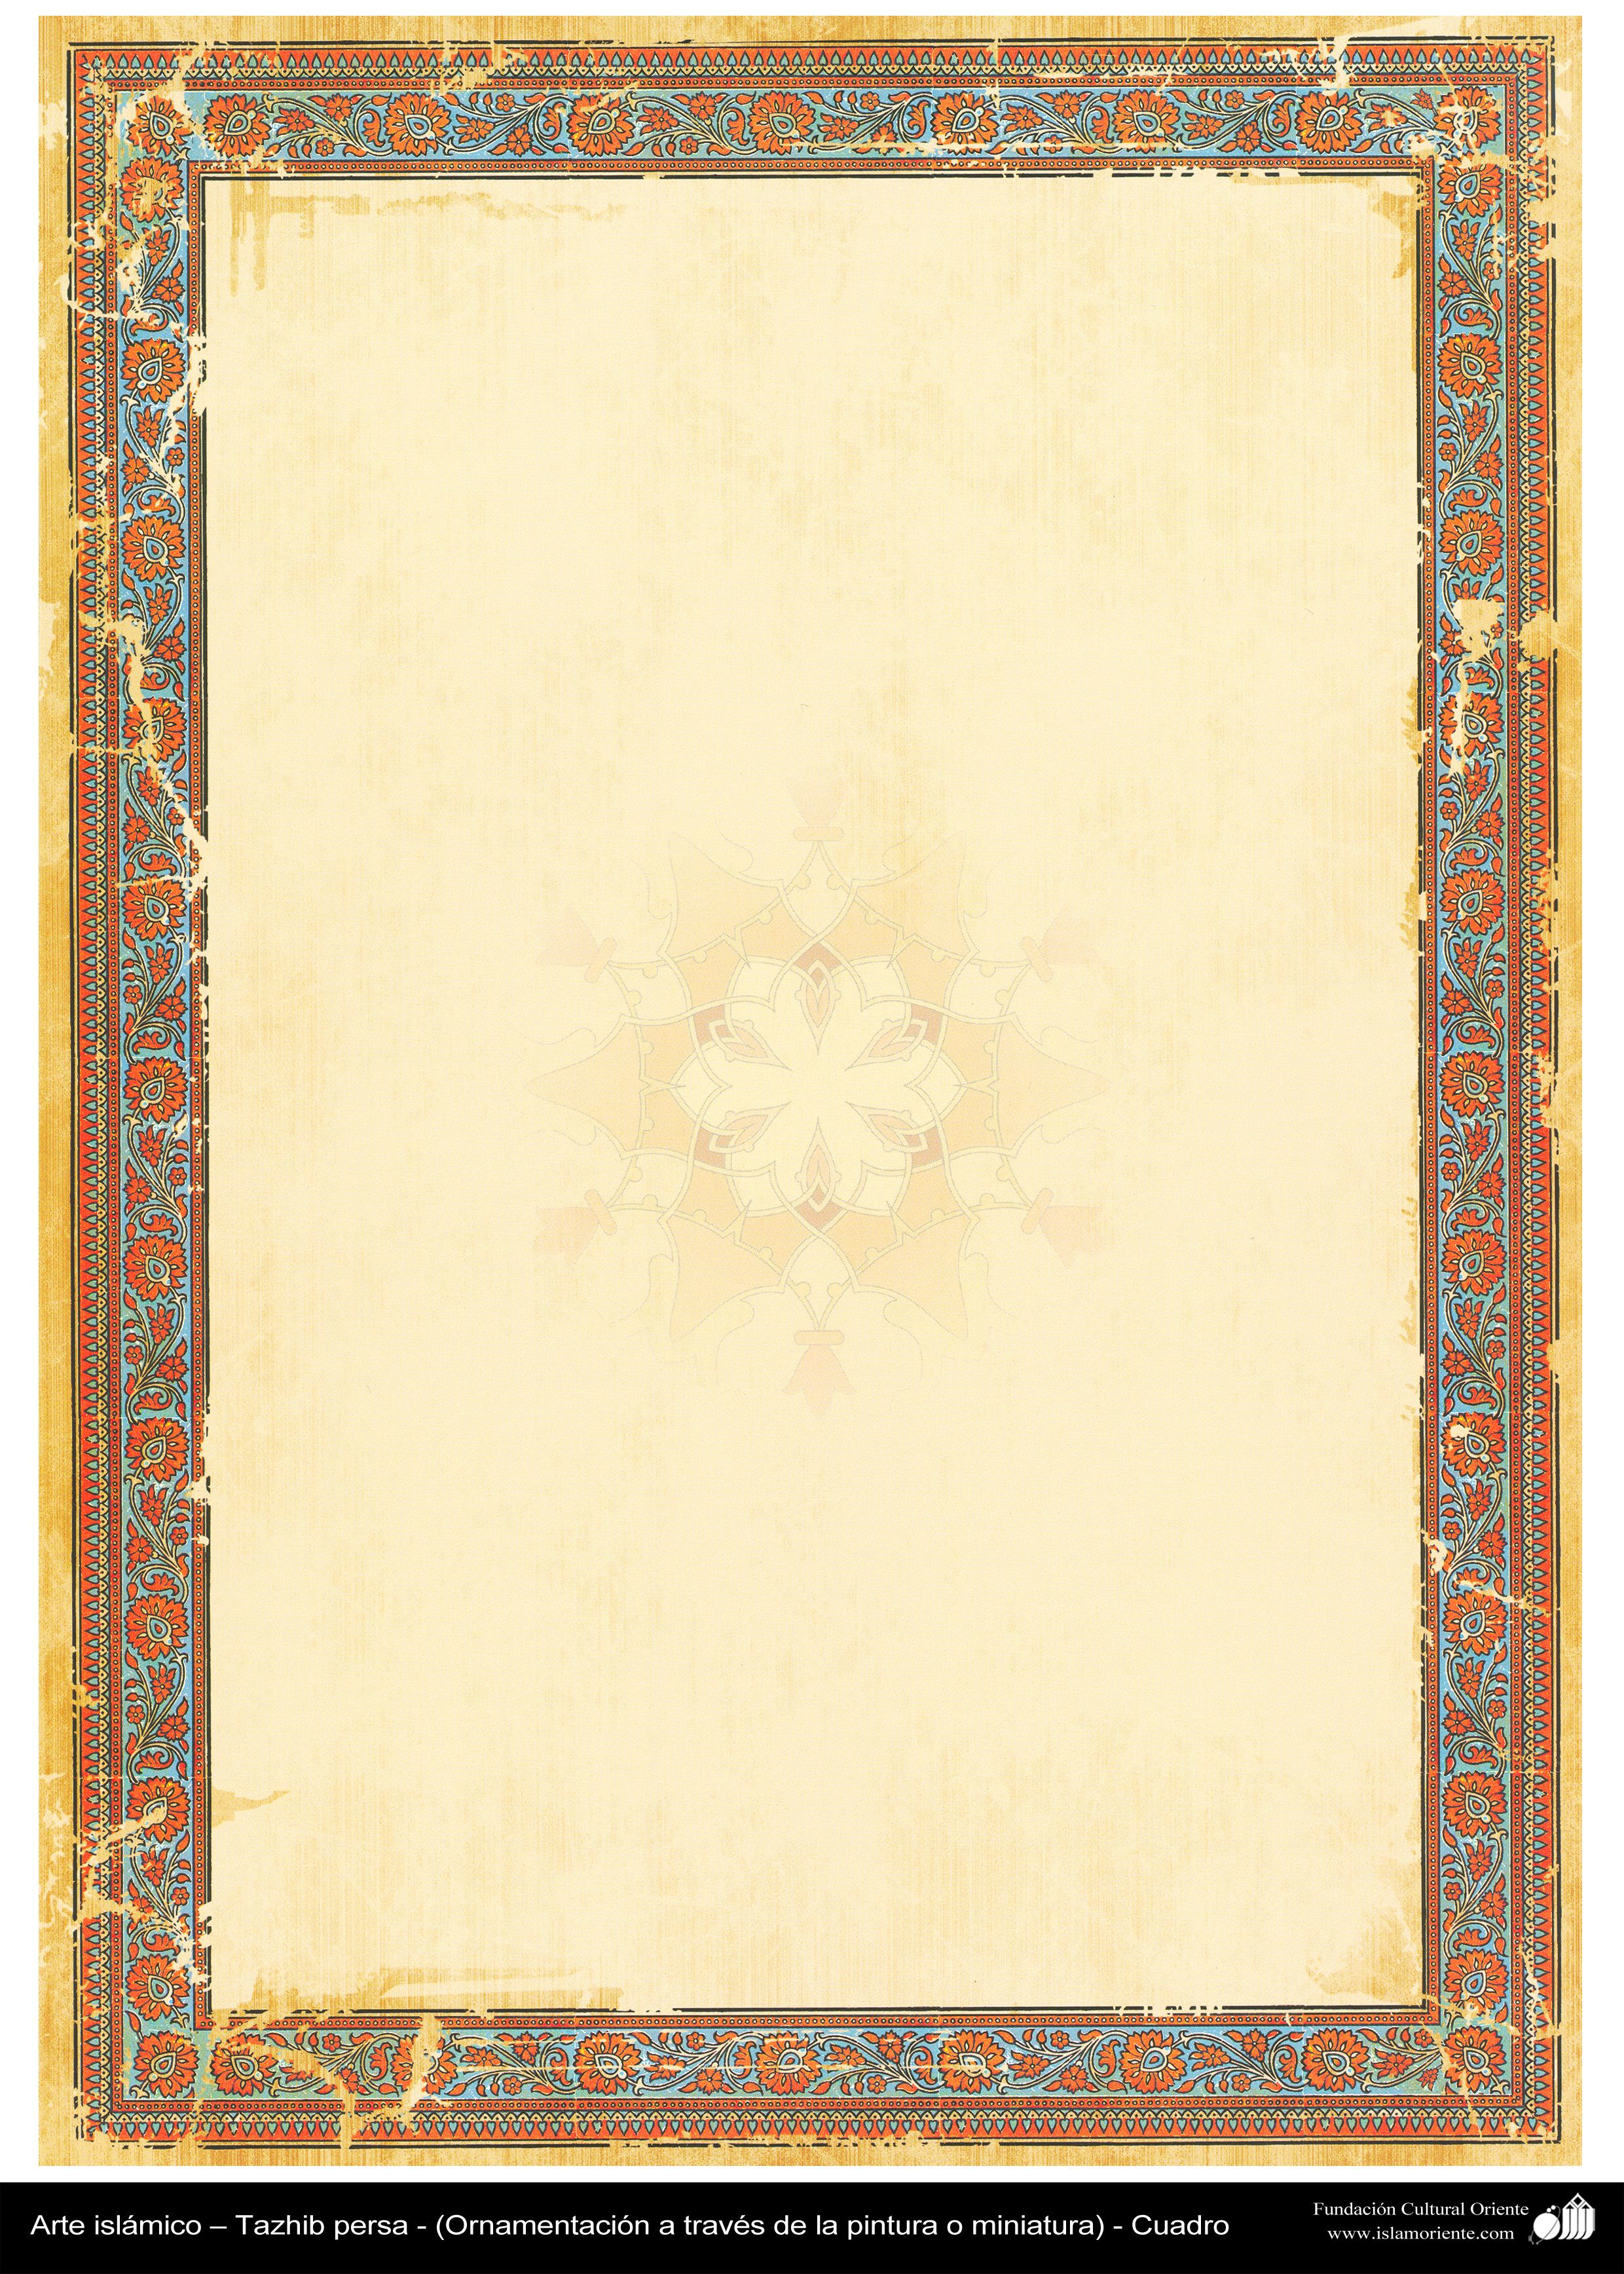 Arte islámico – Tazhib persa - cuadro - 74 | Galería de Arte ...